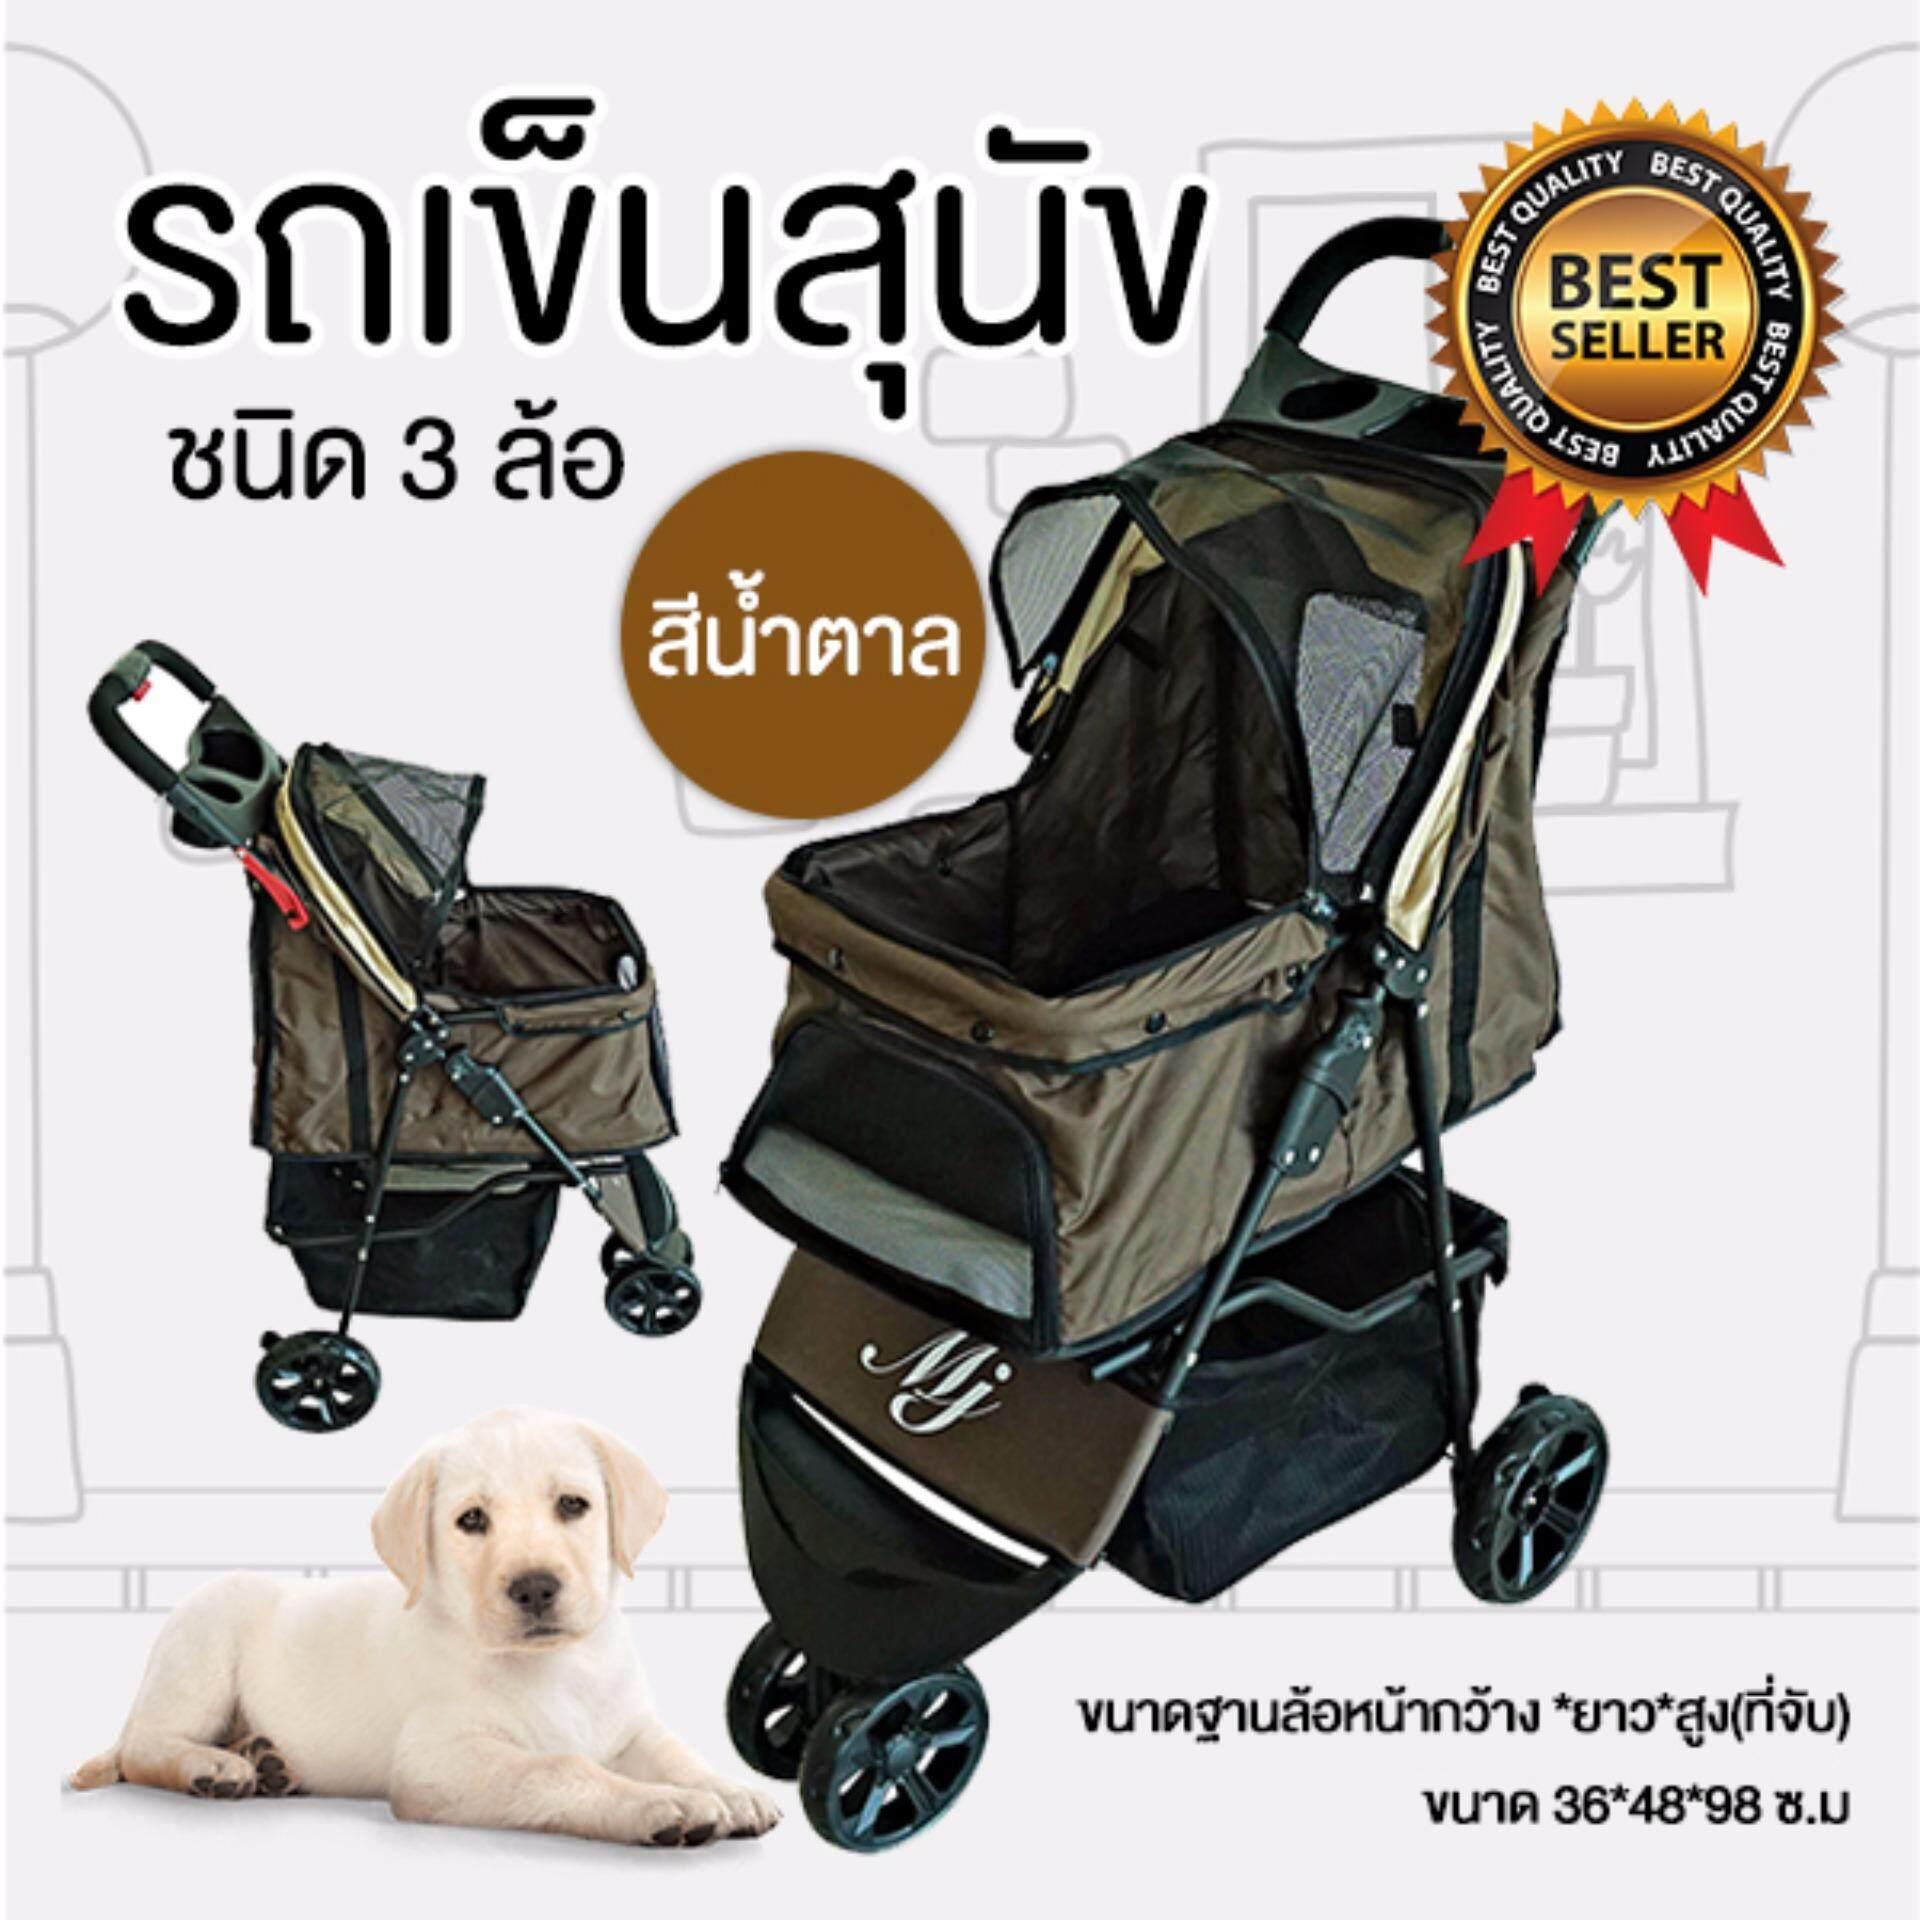 ขาย รถเข็นสุนัข รถเข็นหมา รถเข็นน้องหมา ชนิด 3 ล้อ สีน้ำตาล รับน้ำหนักได้มาก 20 กิโลกรัม เคลื่อนที่คล่องตัว Dekdeetoys เป็นต้นฉบับ